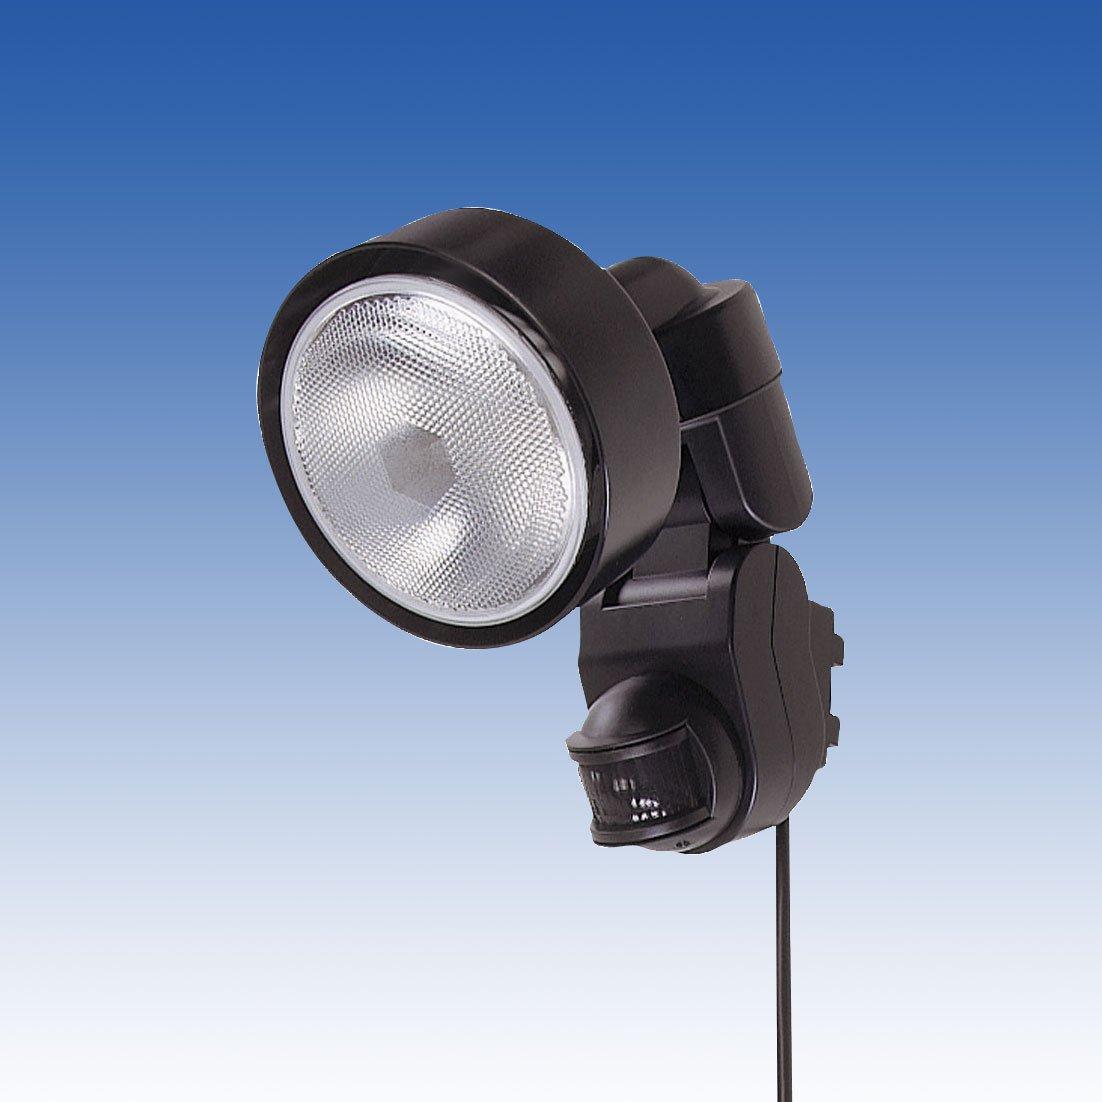 人感ライト LC-10C センサーライト TAKEX 竹中エンジニアリング B00KXIHCW8